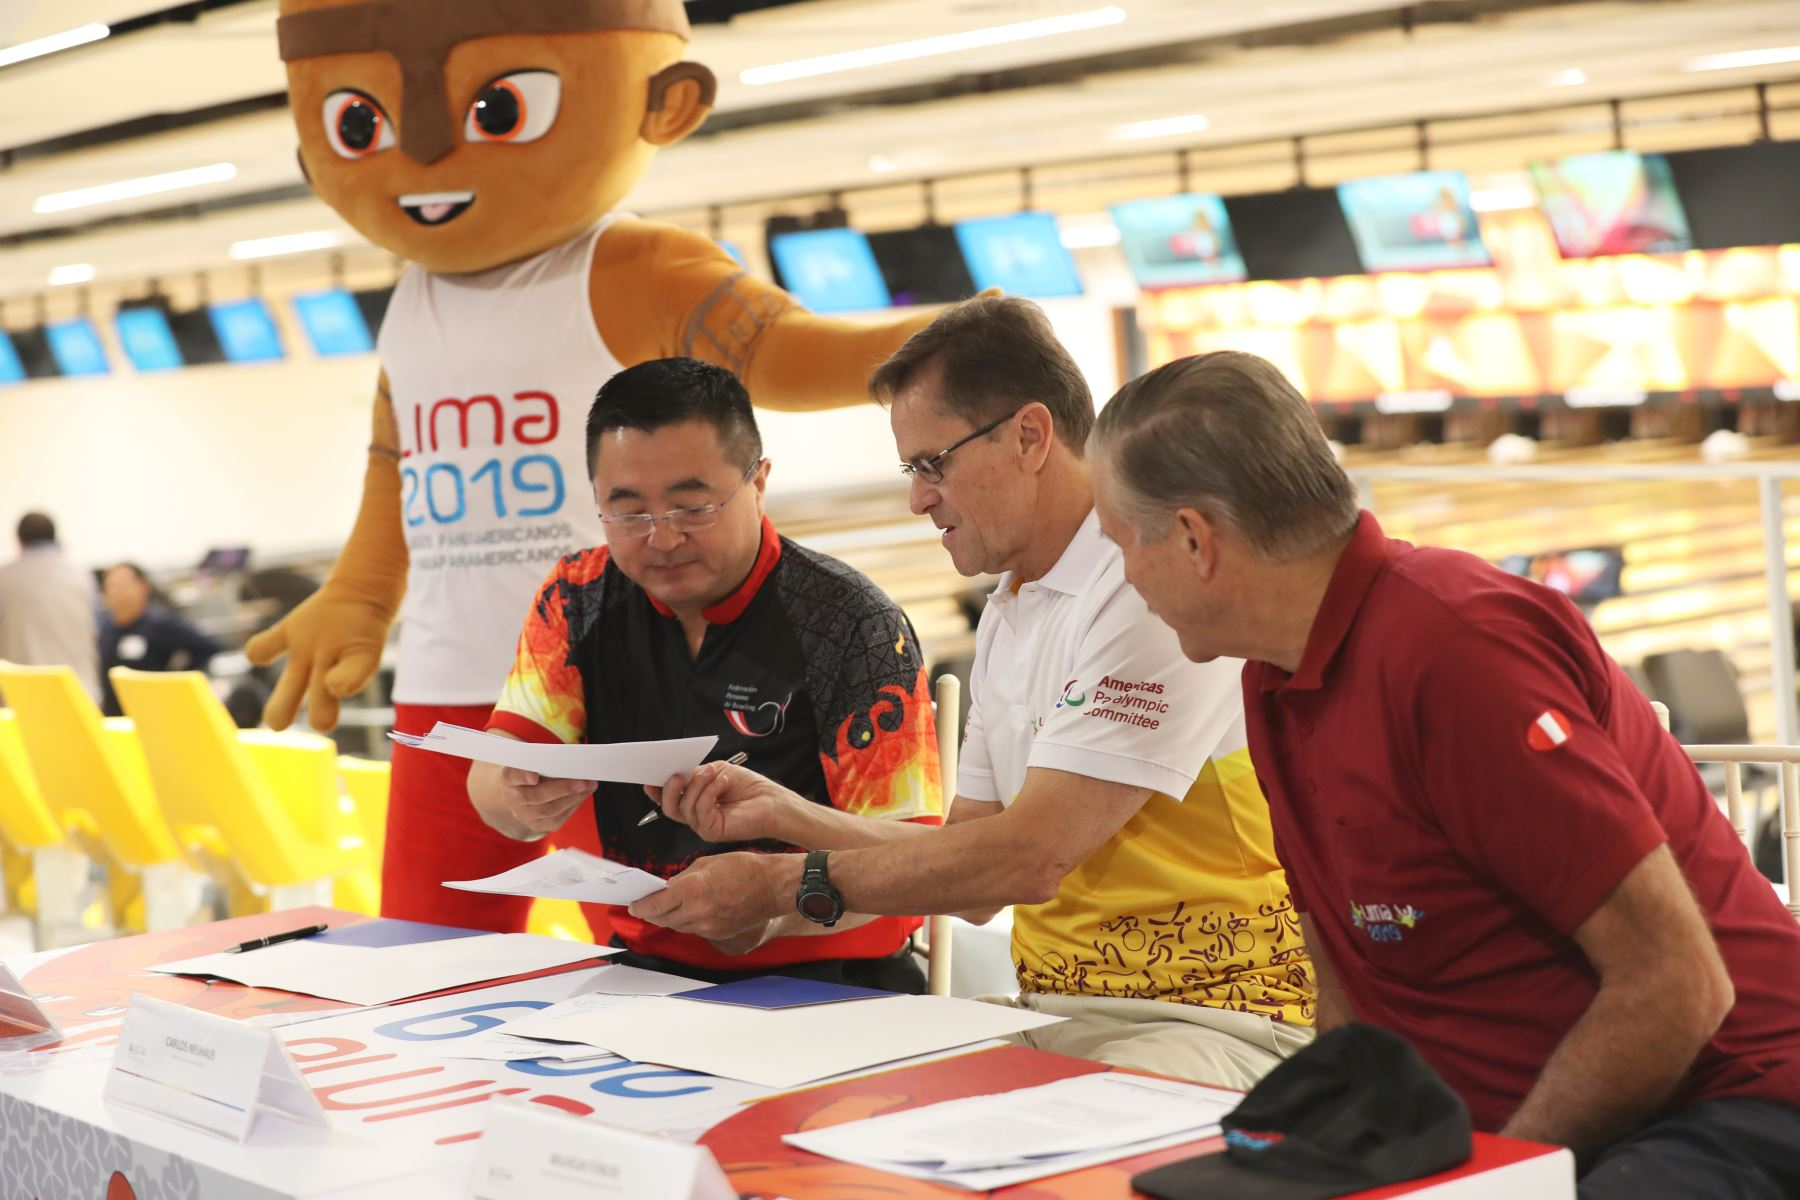 Carlos Neuhaus, Director Ejecutivo de Lima 2019 acompañado del titular de  la Federación Peruana de Bowling, Juan Carlos Yuzuriha firman la entrega del Bowling Center de la Videna. Foto: ANDINA/Melina Mejía